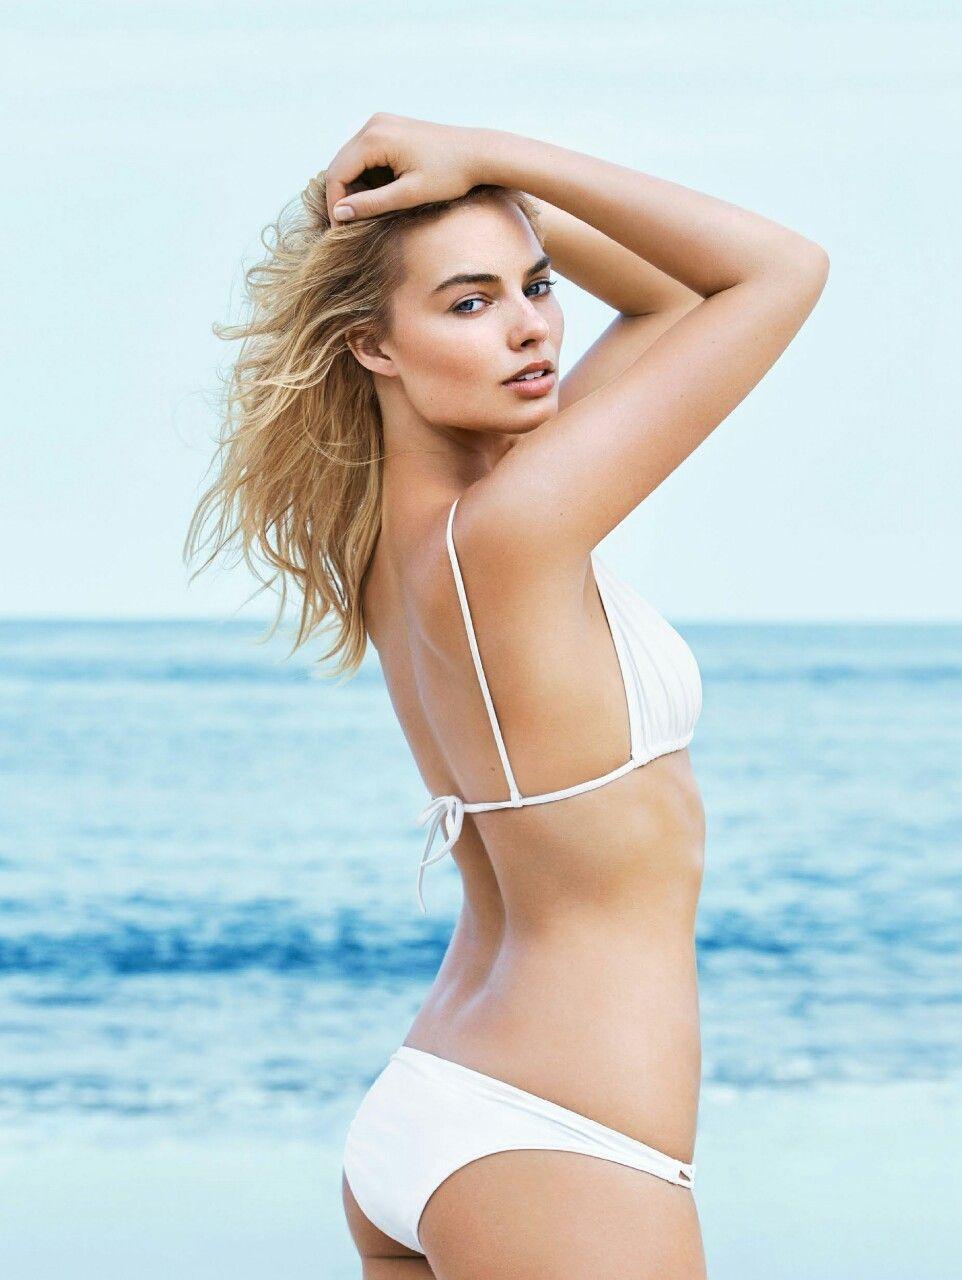 Margot robbie bikini